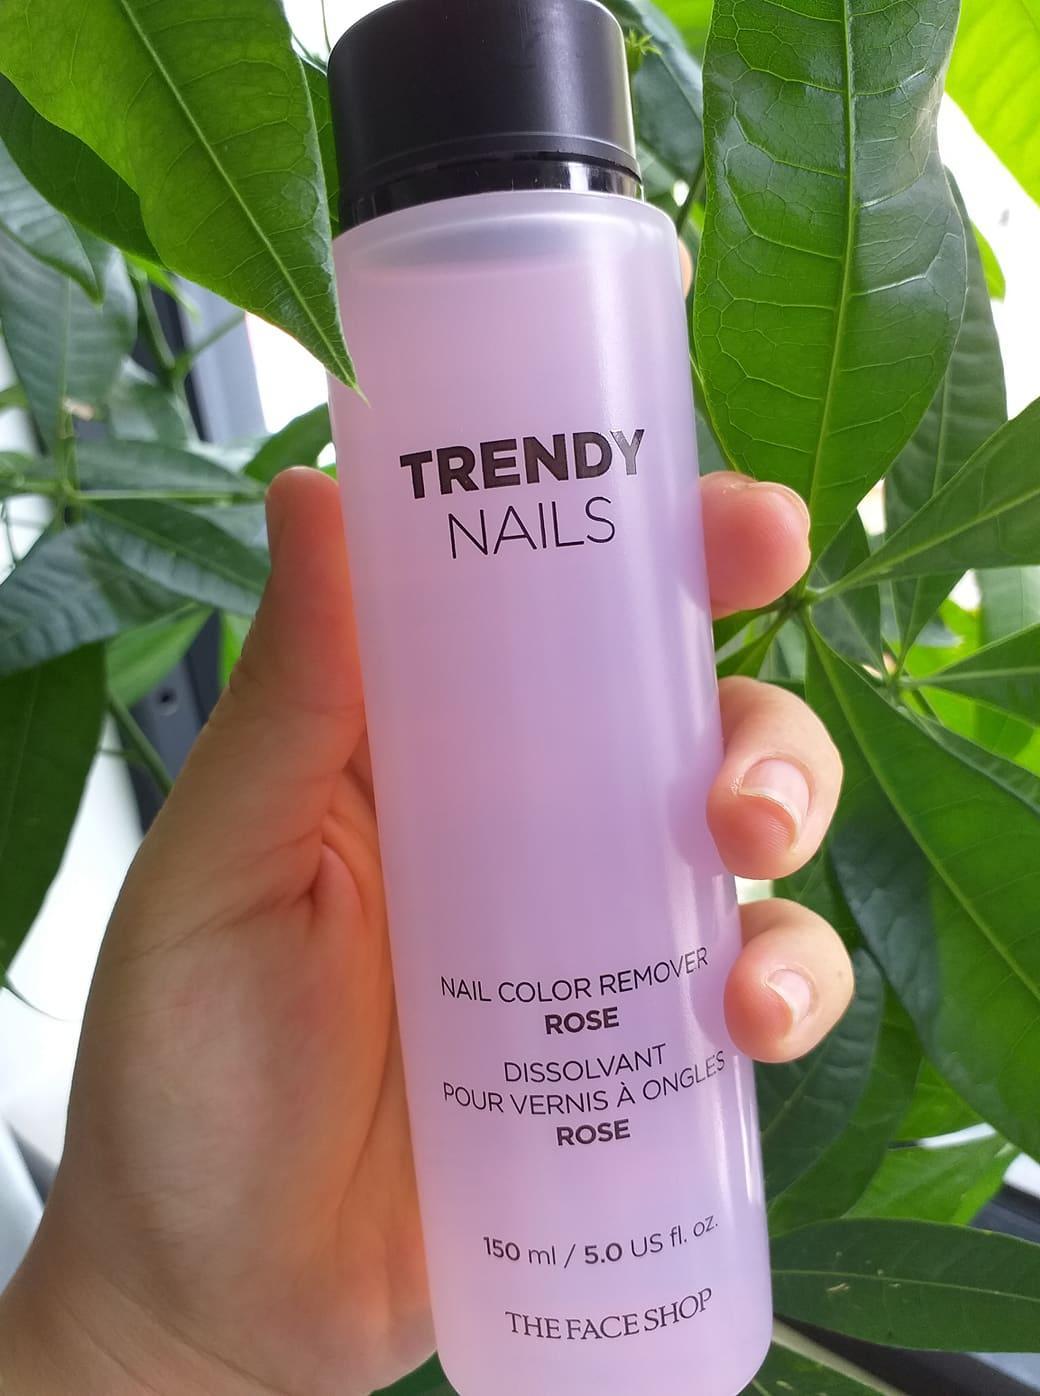 Nước Rửa Móng Tay The Face Shop Trendy Nails Nail Remover 100ml Nhập Khầu Hàn Quốc, Hương Dâu Nhẹ Nhàng, Dưỡng Móng Chắc Khỏe, Không Làm Ố Vàng Móng tốt nhất